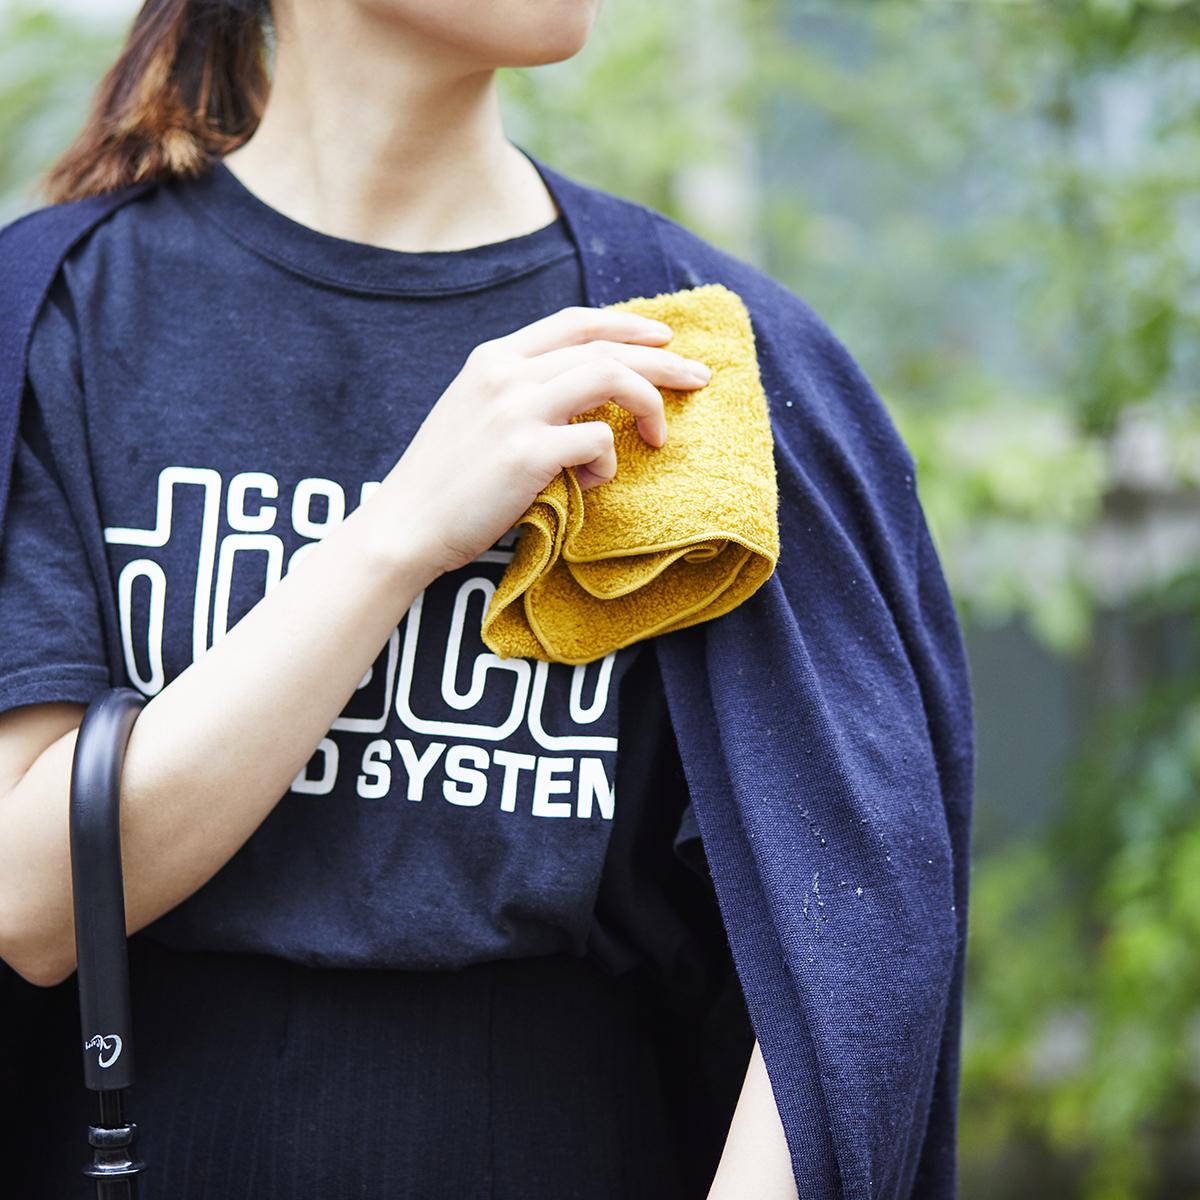 散歩用の必携グッズと言ってもいい汗が臭わない今治ミニタオル。毎日の「散歩」が楽しくなるグッズを集めてみました。バッグや財布、タオルに傘、ケア用品など8選